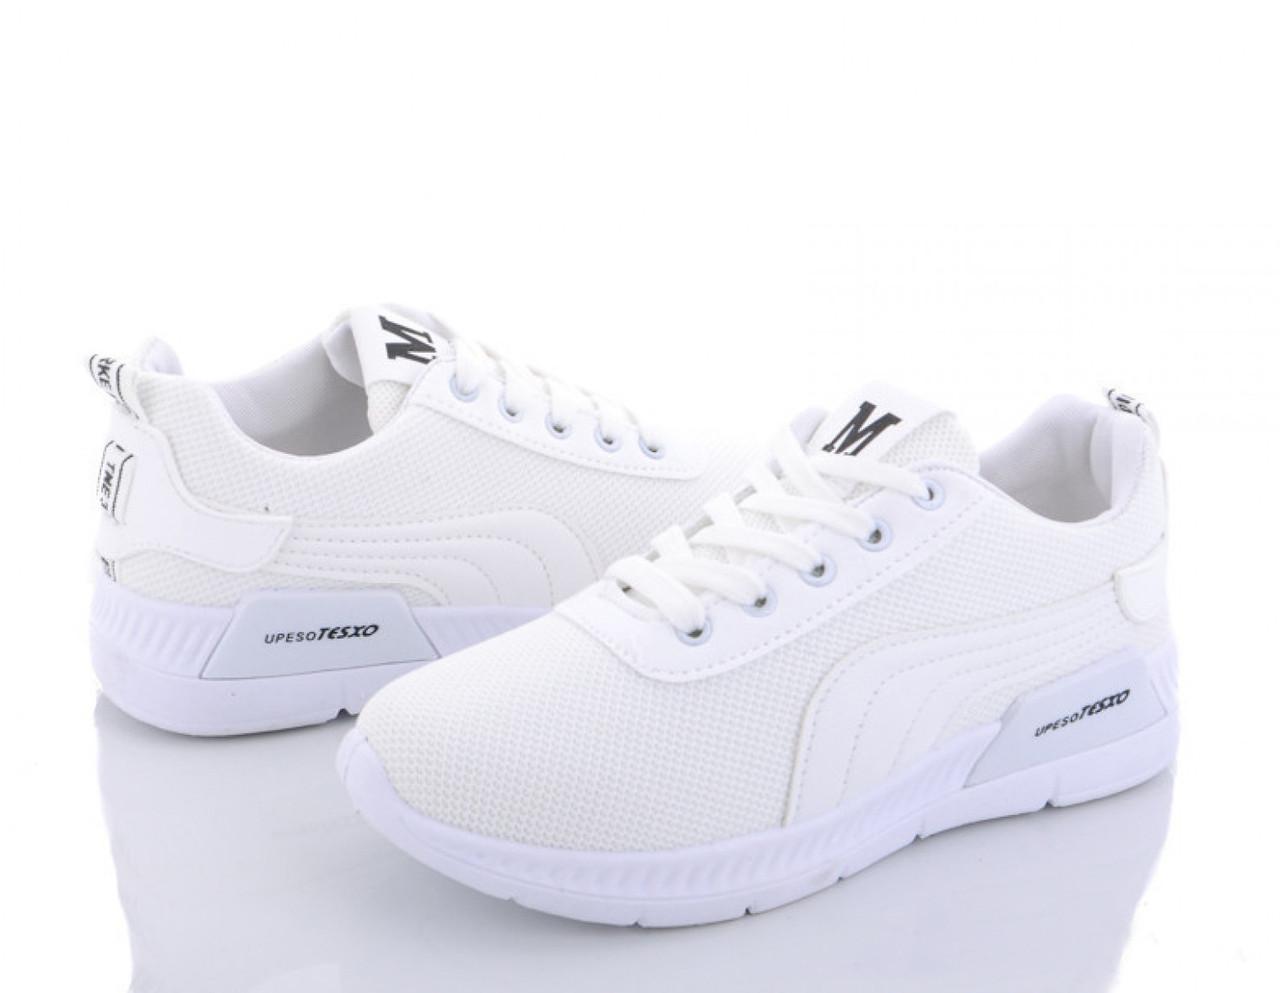 Женские белые кроссовки из плотной сетки MFashion Upeso Tesxo 38 р. - 23 см (1173687649)